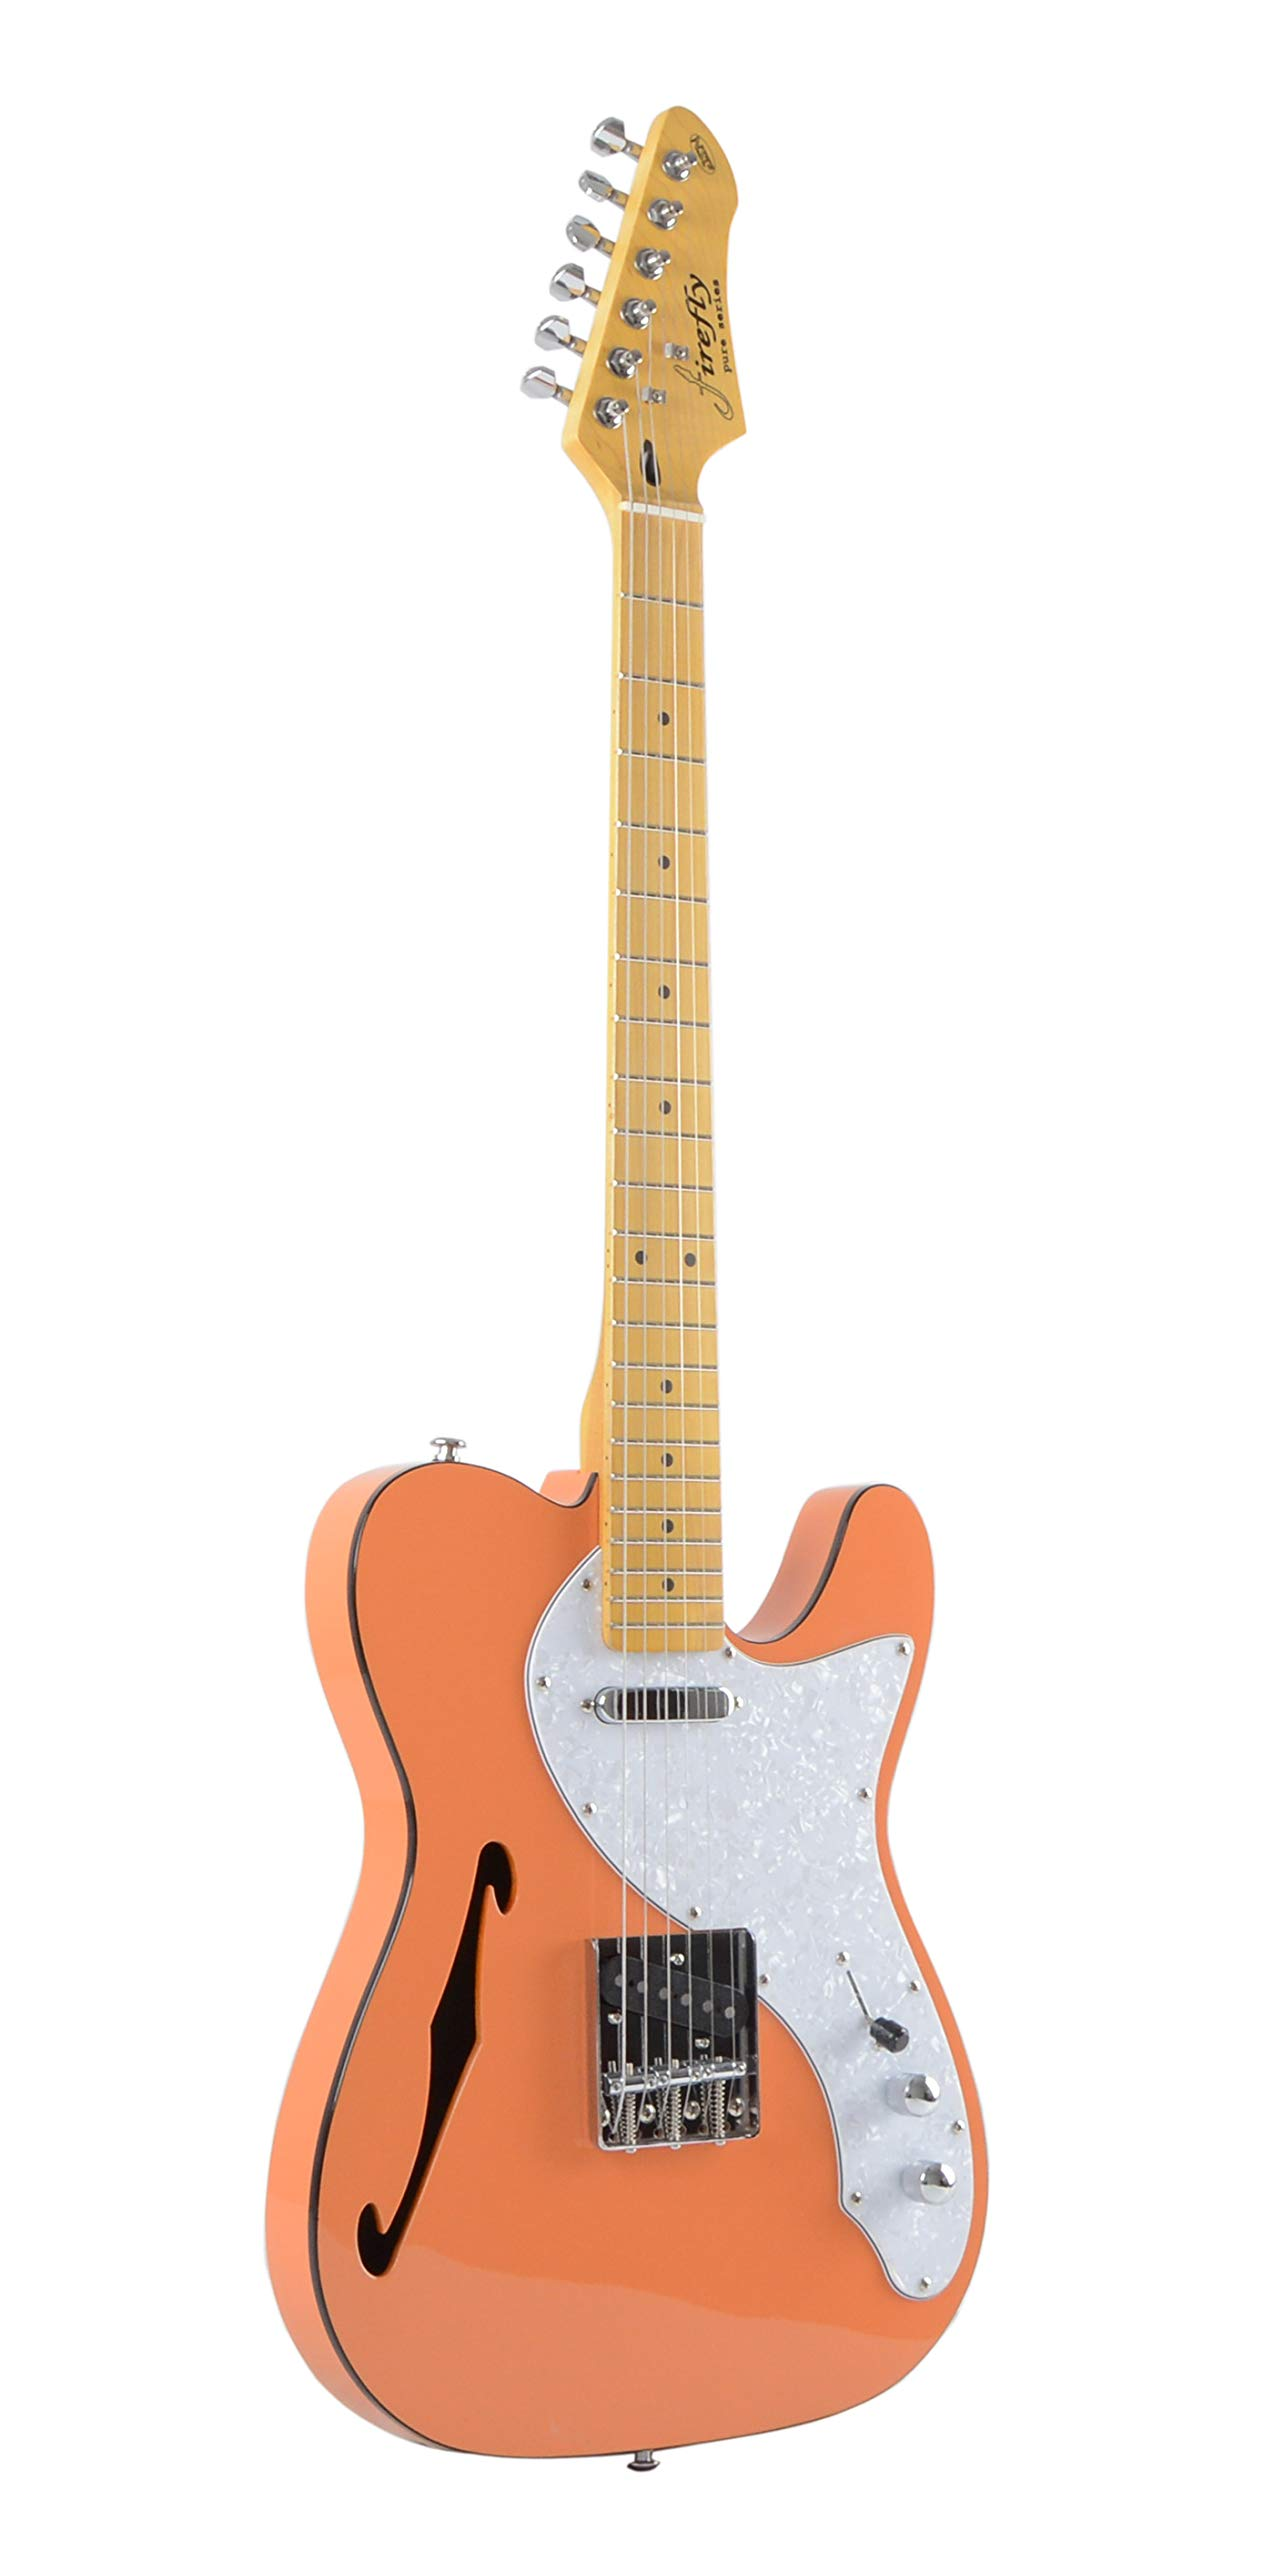 Firefly FFTH Semi-Hollow body Guitar (Orange). by Firefly